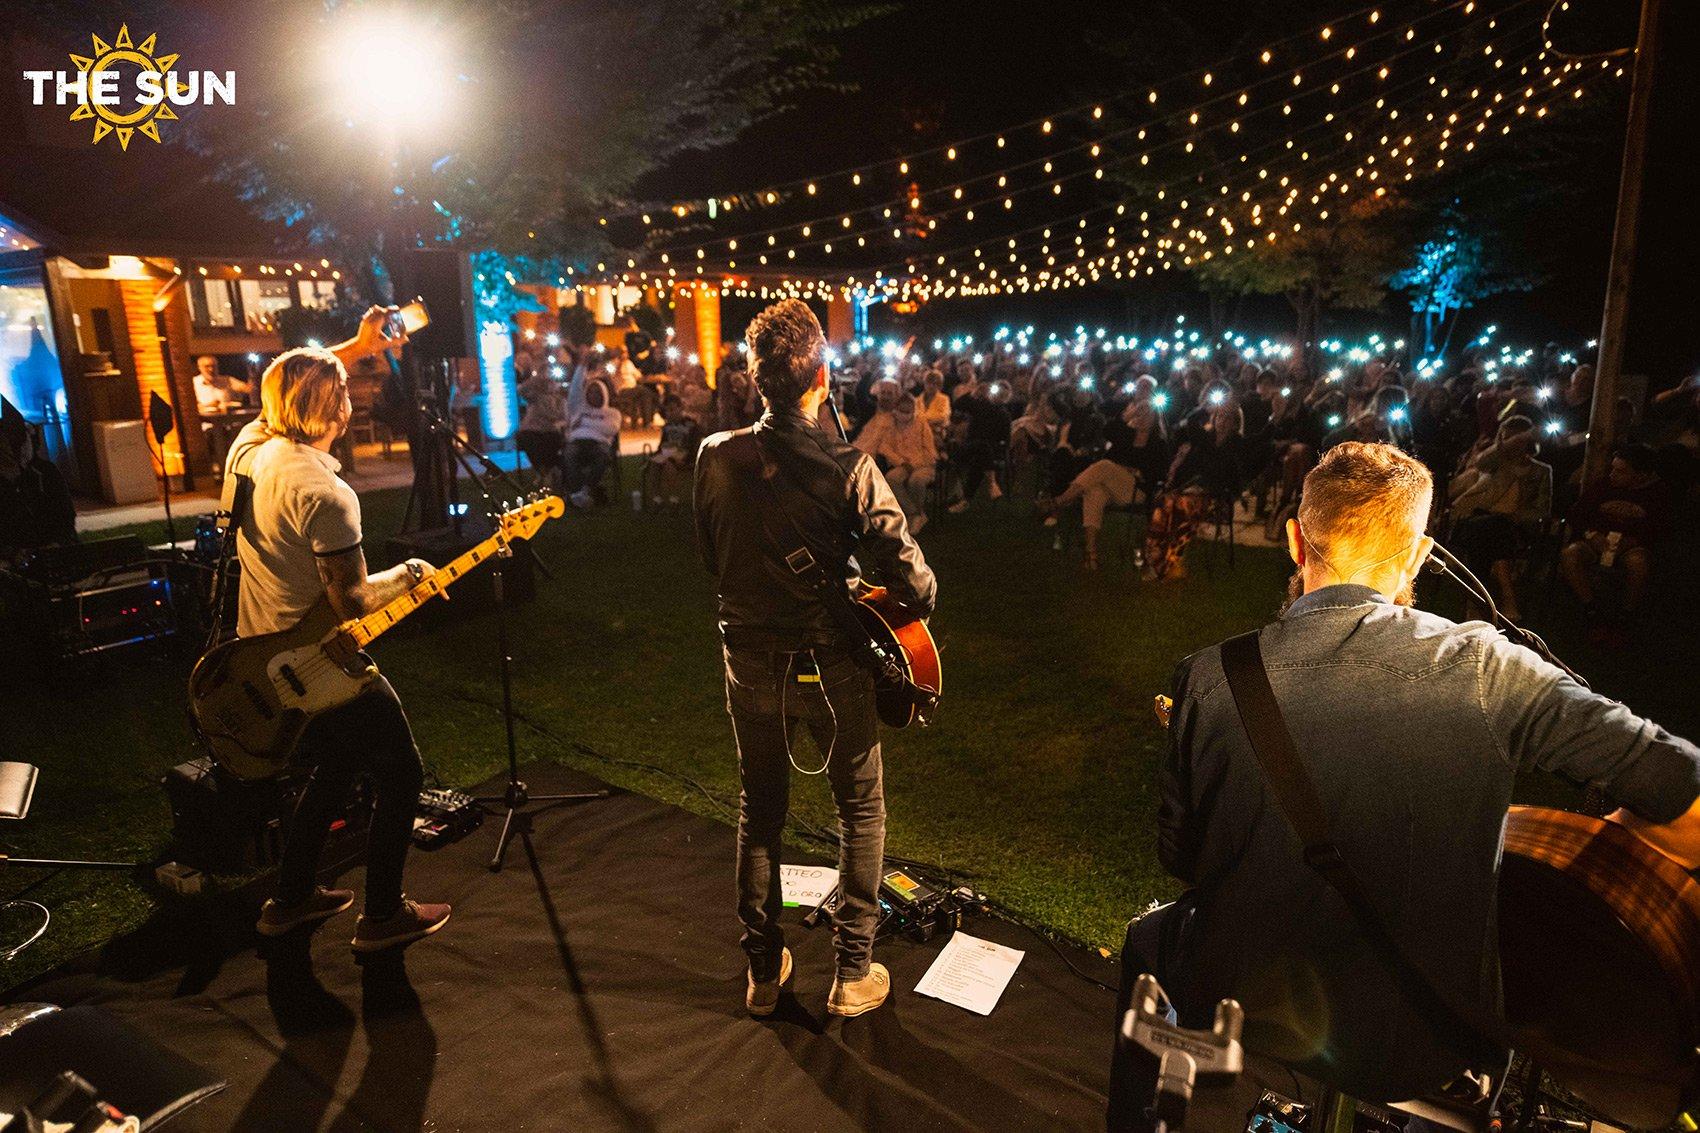 the sun rock band live bassano del grappa